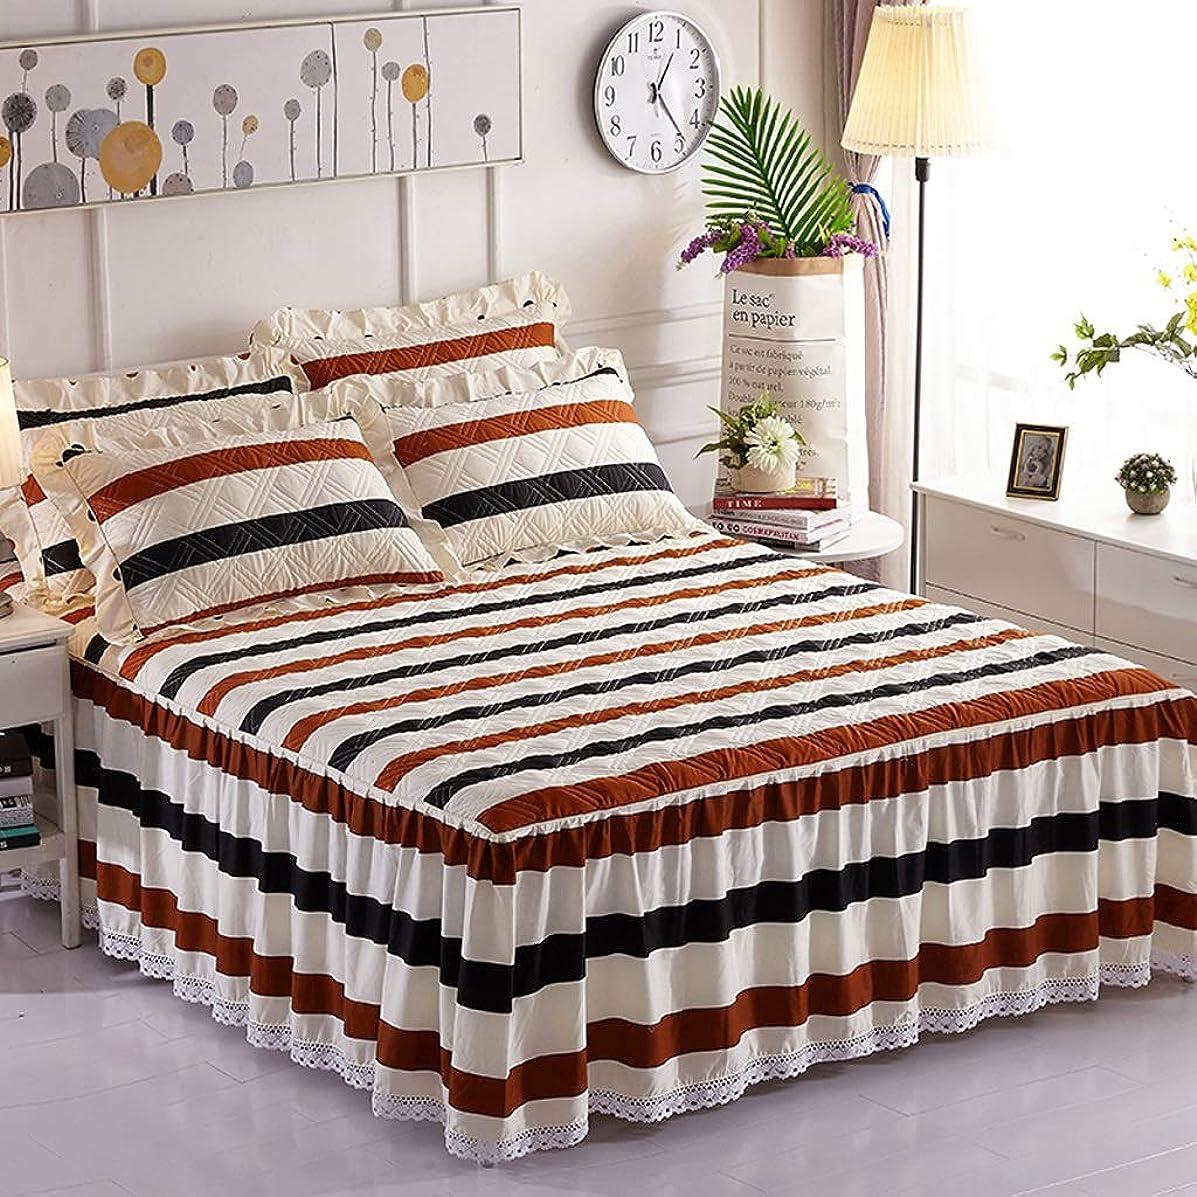 類推小康韓国語コットンのベッドスカート豪華なプレミアム品質しわと退色耐性マイクロファイバーマルチフリル滑り止め保護ケース - ほこりを追加 (色 : M m, サイズ さいず : 200x220cm+pillowcase)